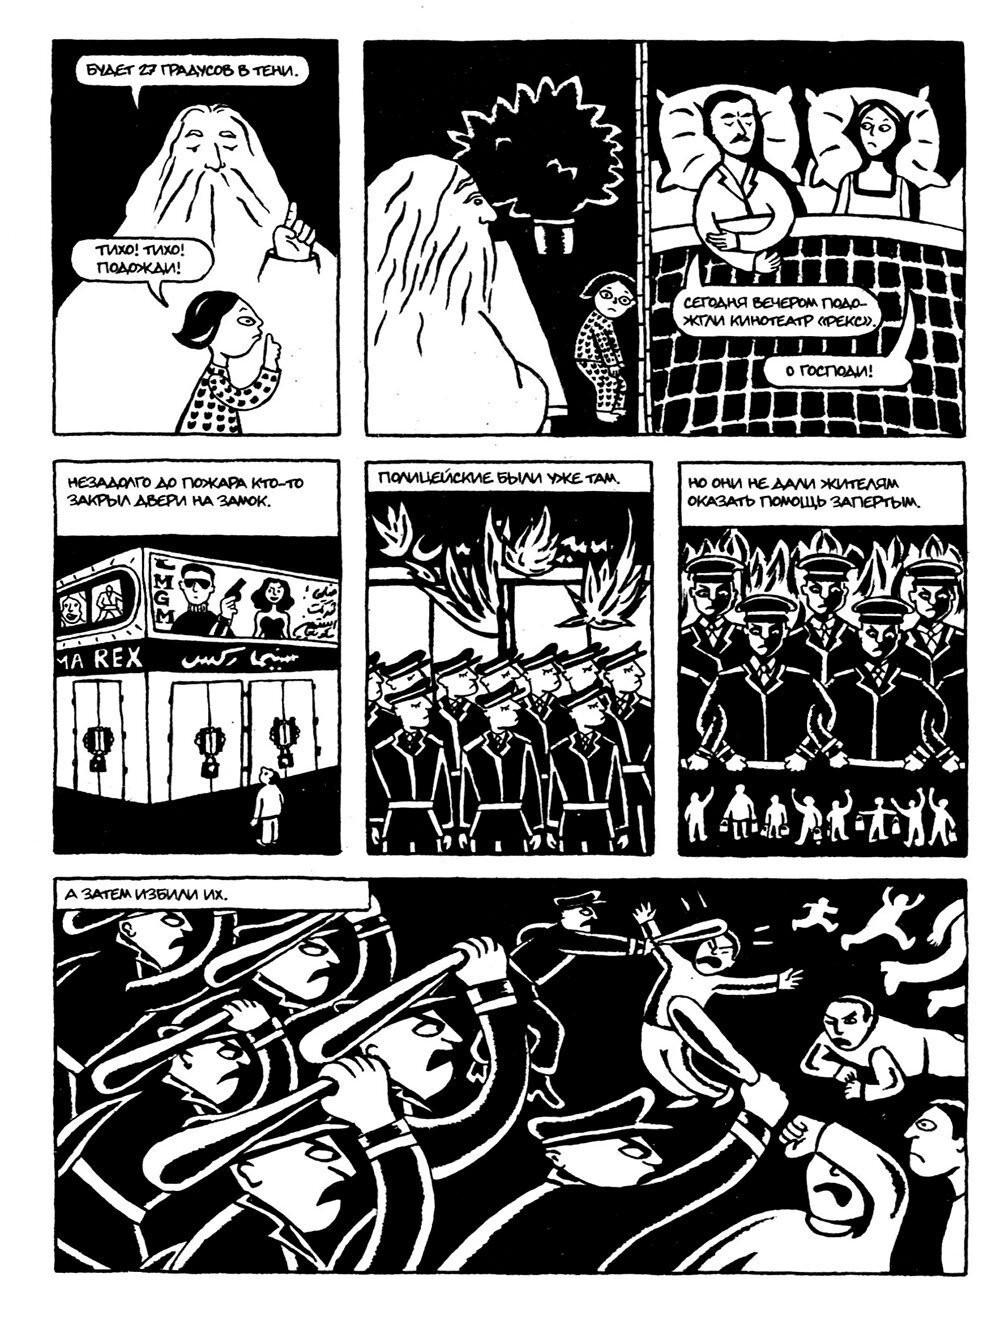 Исторический комикс Персеполис, Маржан Сатрапи. Том 1. Страница 13. Блог о комиксах Vaes Okshn